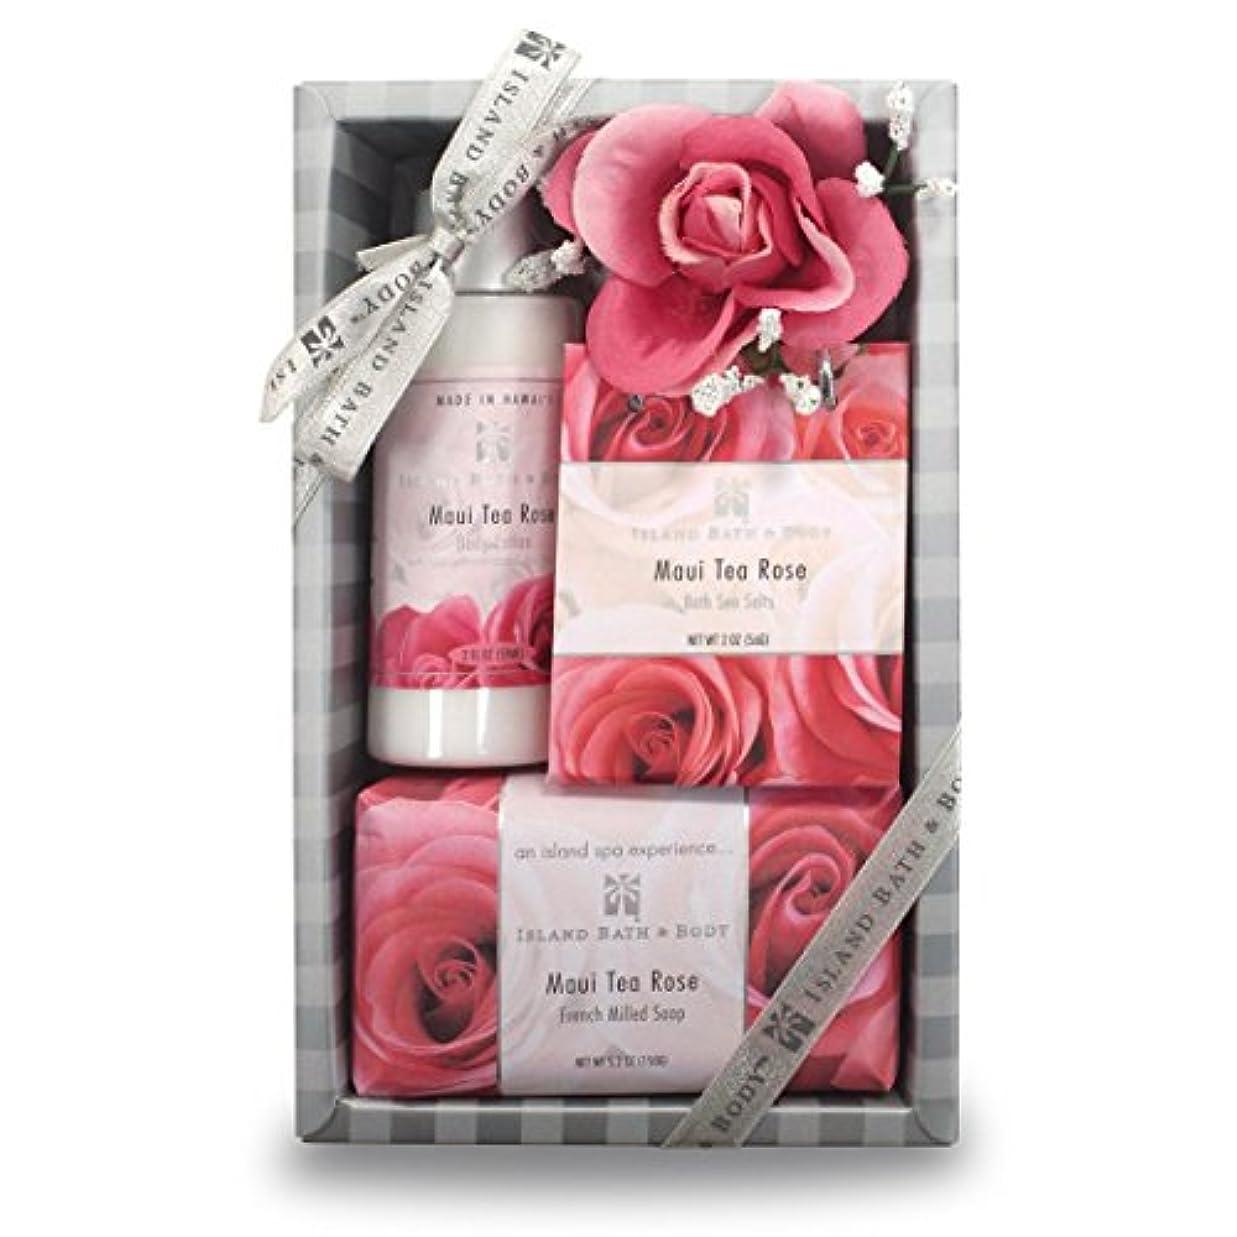 〈海外直送品〉Island Bath & Body Spa Experience Maui Tea Rose の'香りスパセット メイドインハワイ